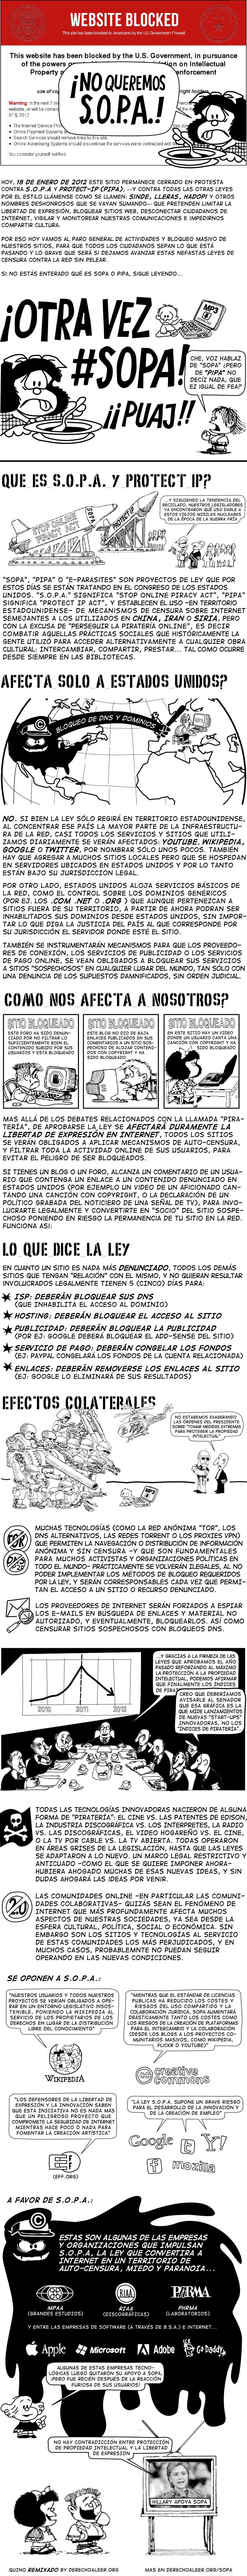 Tira de dibujos (con Mafalda y sus amigos) explicando las consecuencias de la aprobación de SOPA y PIPA